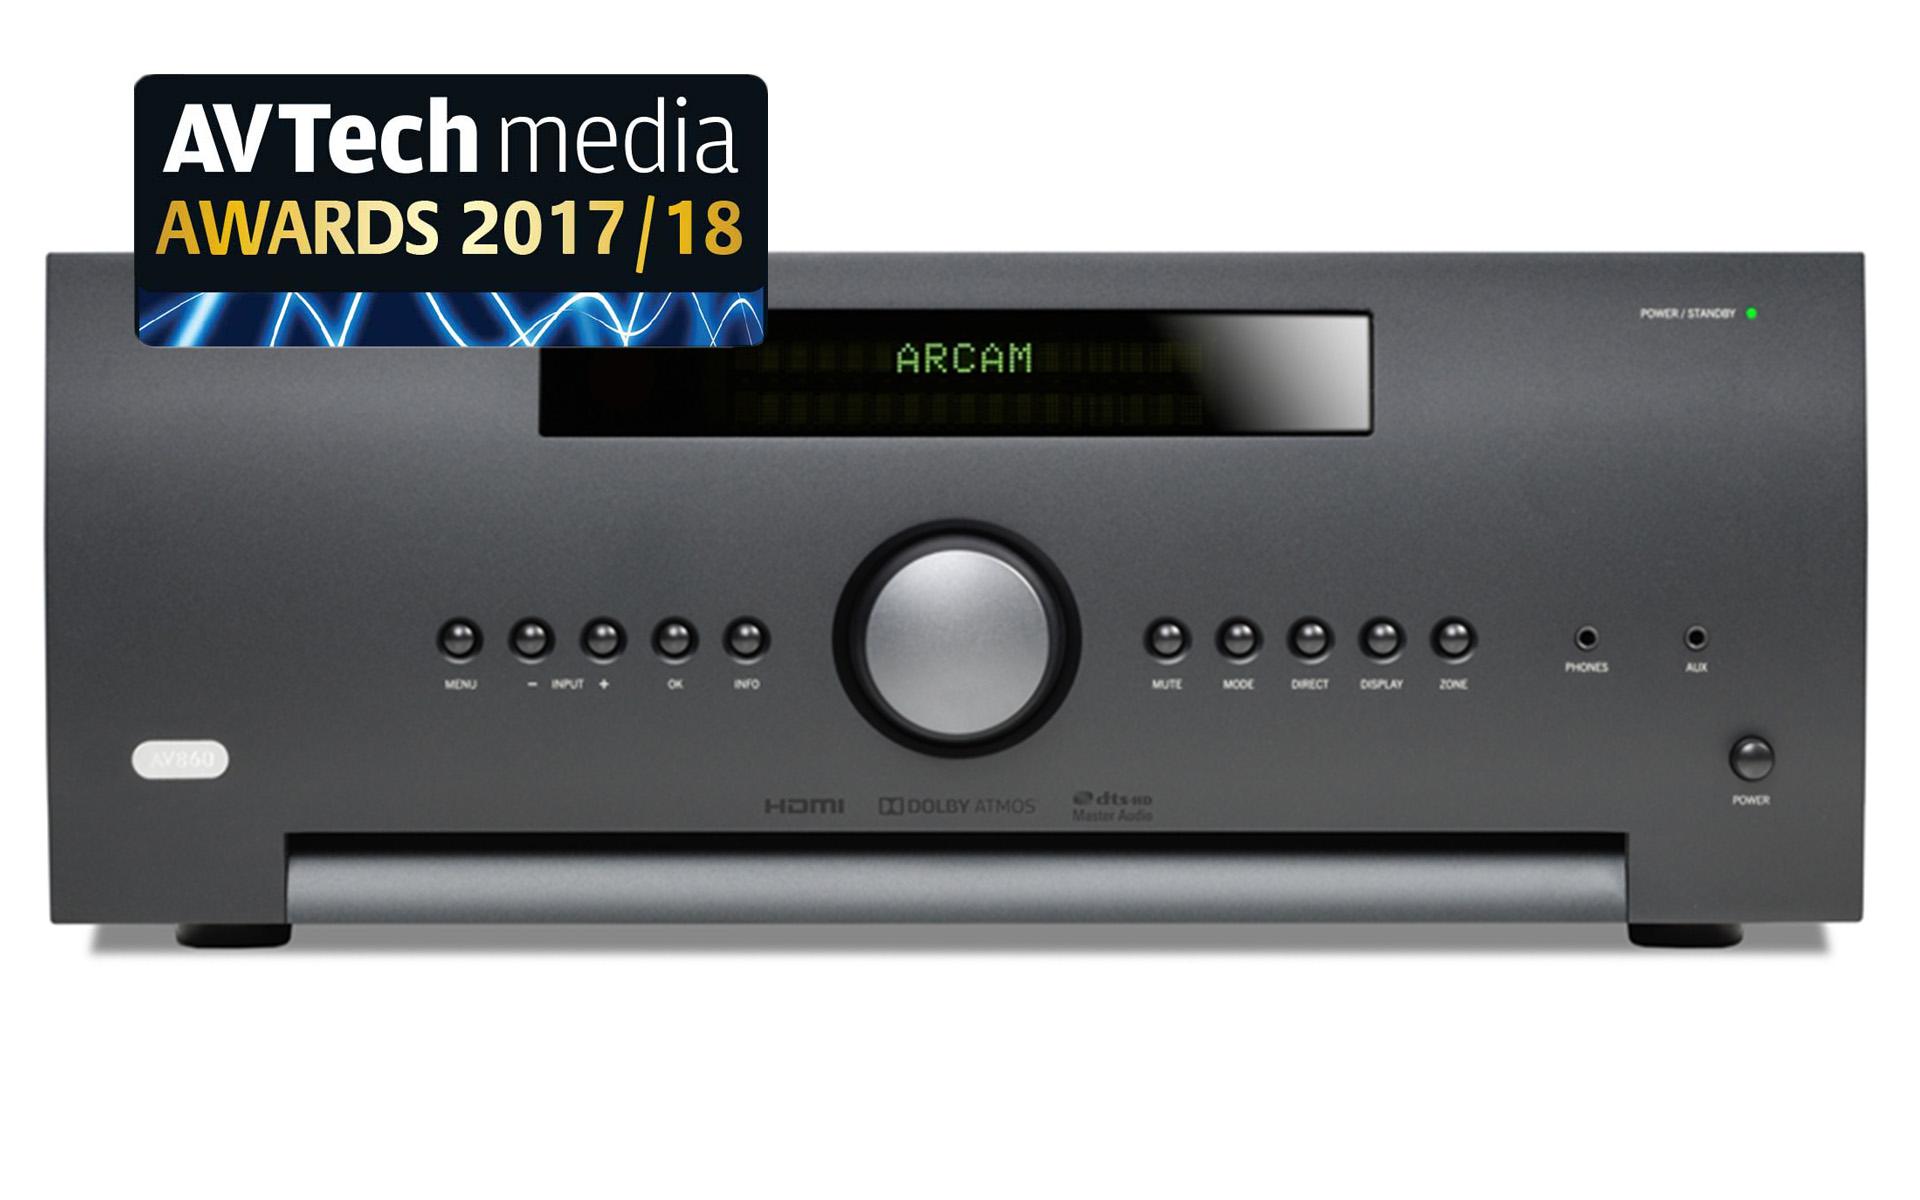 AV-процессор Arcam AV860 с технологией Dolby ATMOS